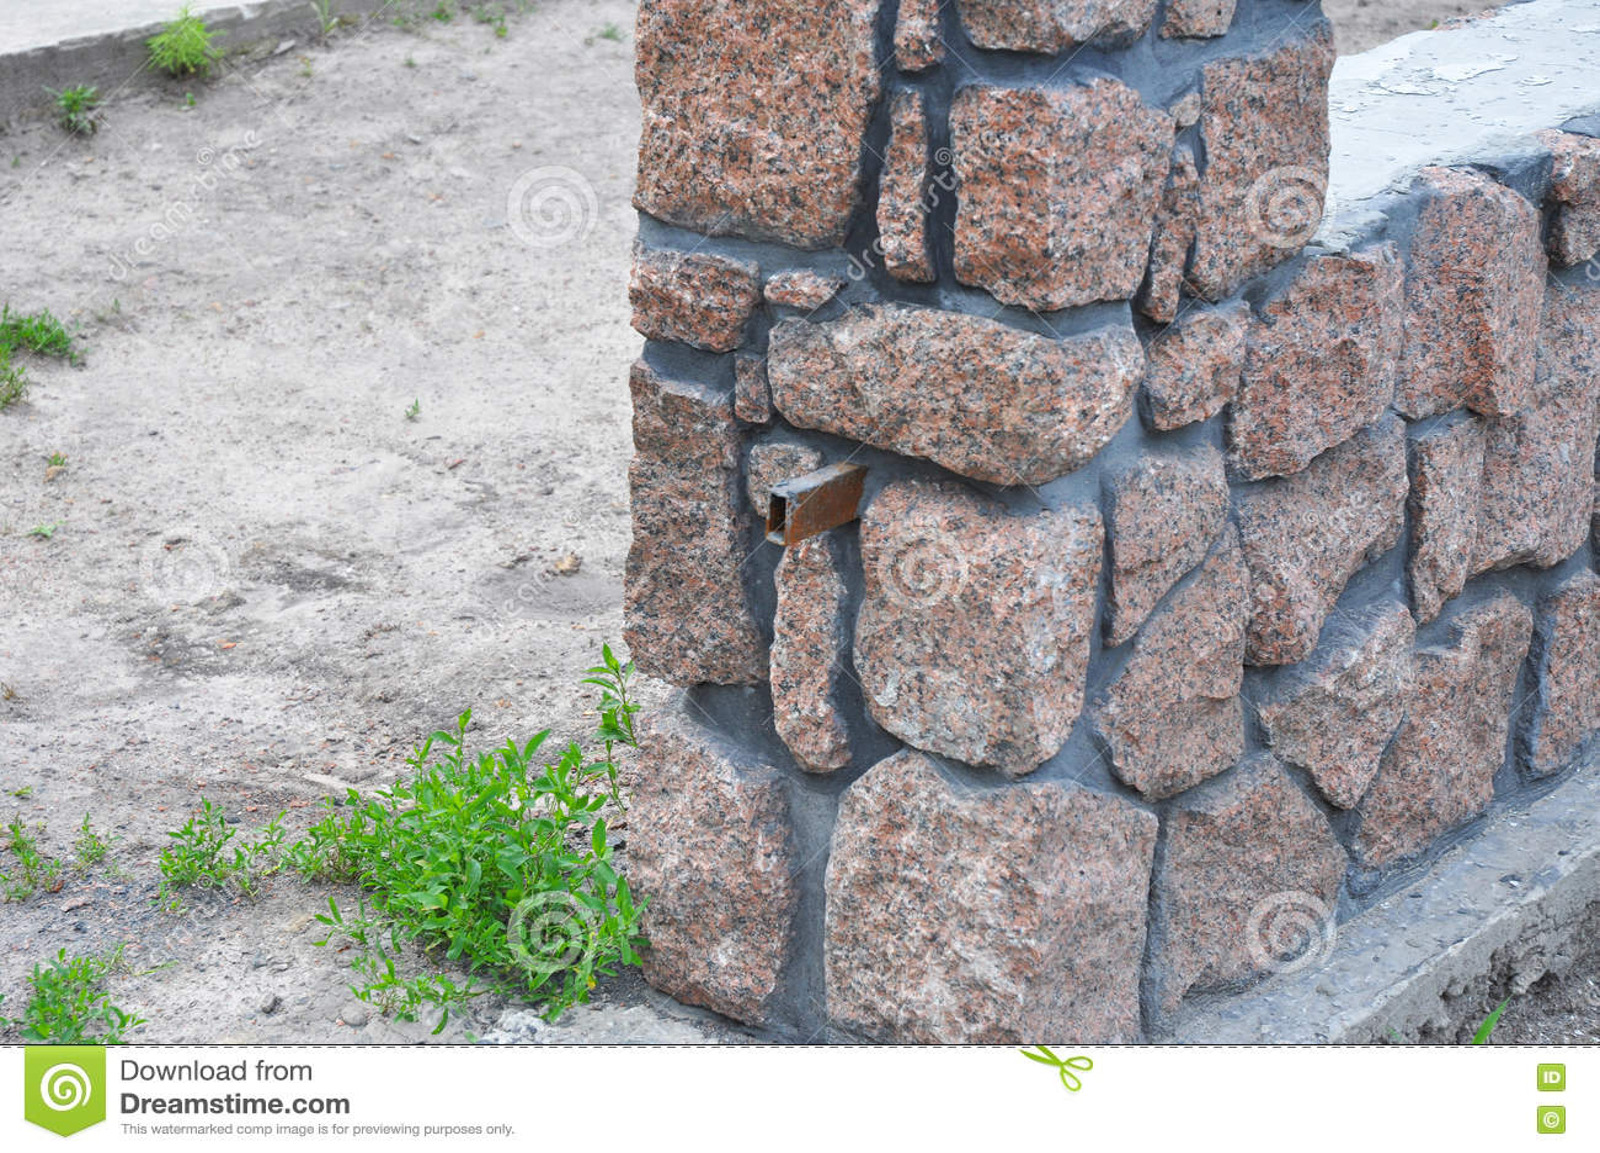 Gebaude Granit Stein Zaun Stockbild Bild Von Outdoor 77082855